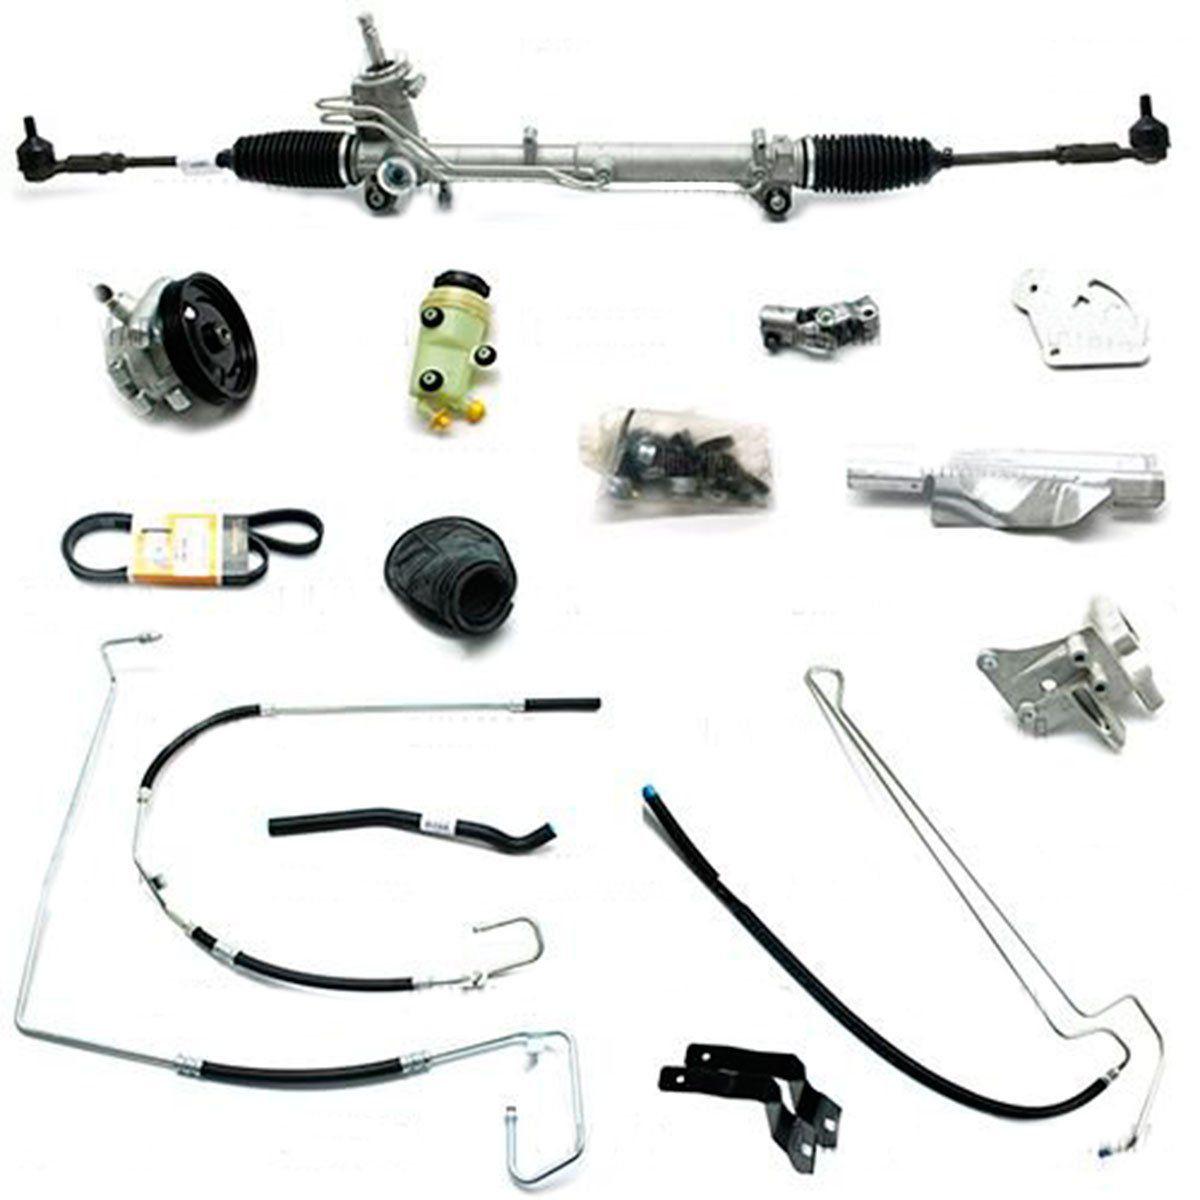 Kit De Direção Hidráulica Do Ford Novo Ka 1.0/1.6 Motor Zetec Rocam De 2008 Em Diante (Modelos Sem Ar Condicionado) (Fixação P/Bomba 4 Parafusos)